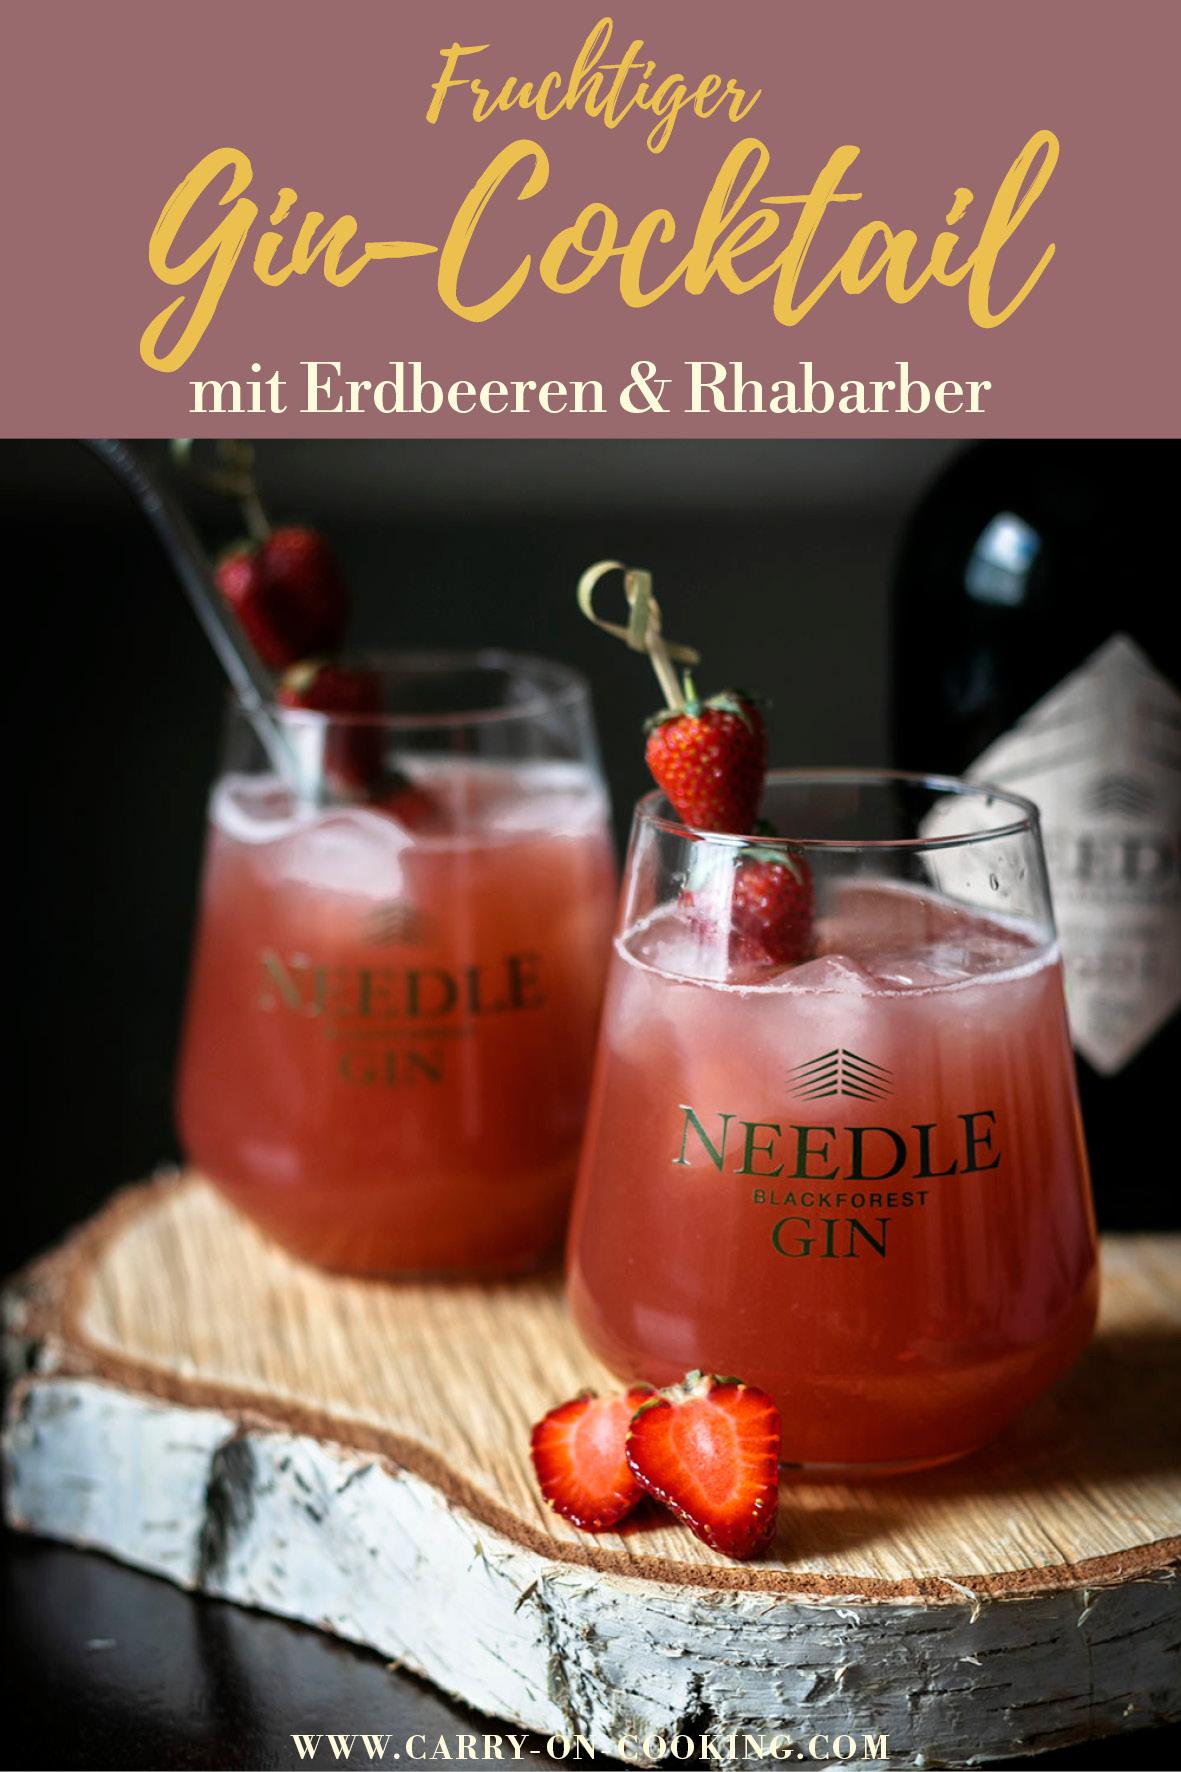 Gleich auf deine Pinterest-Pinwand pinnen: Fruchtiger Gin-Cocktail mit Erdbeeren & Rhabarber